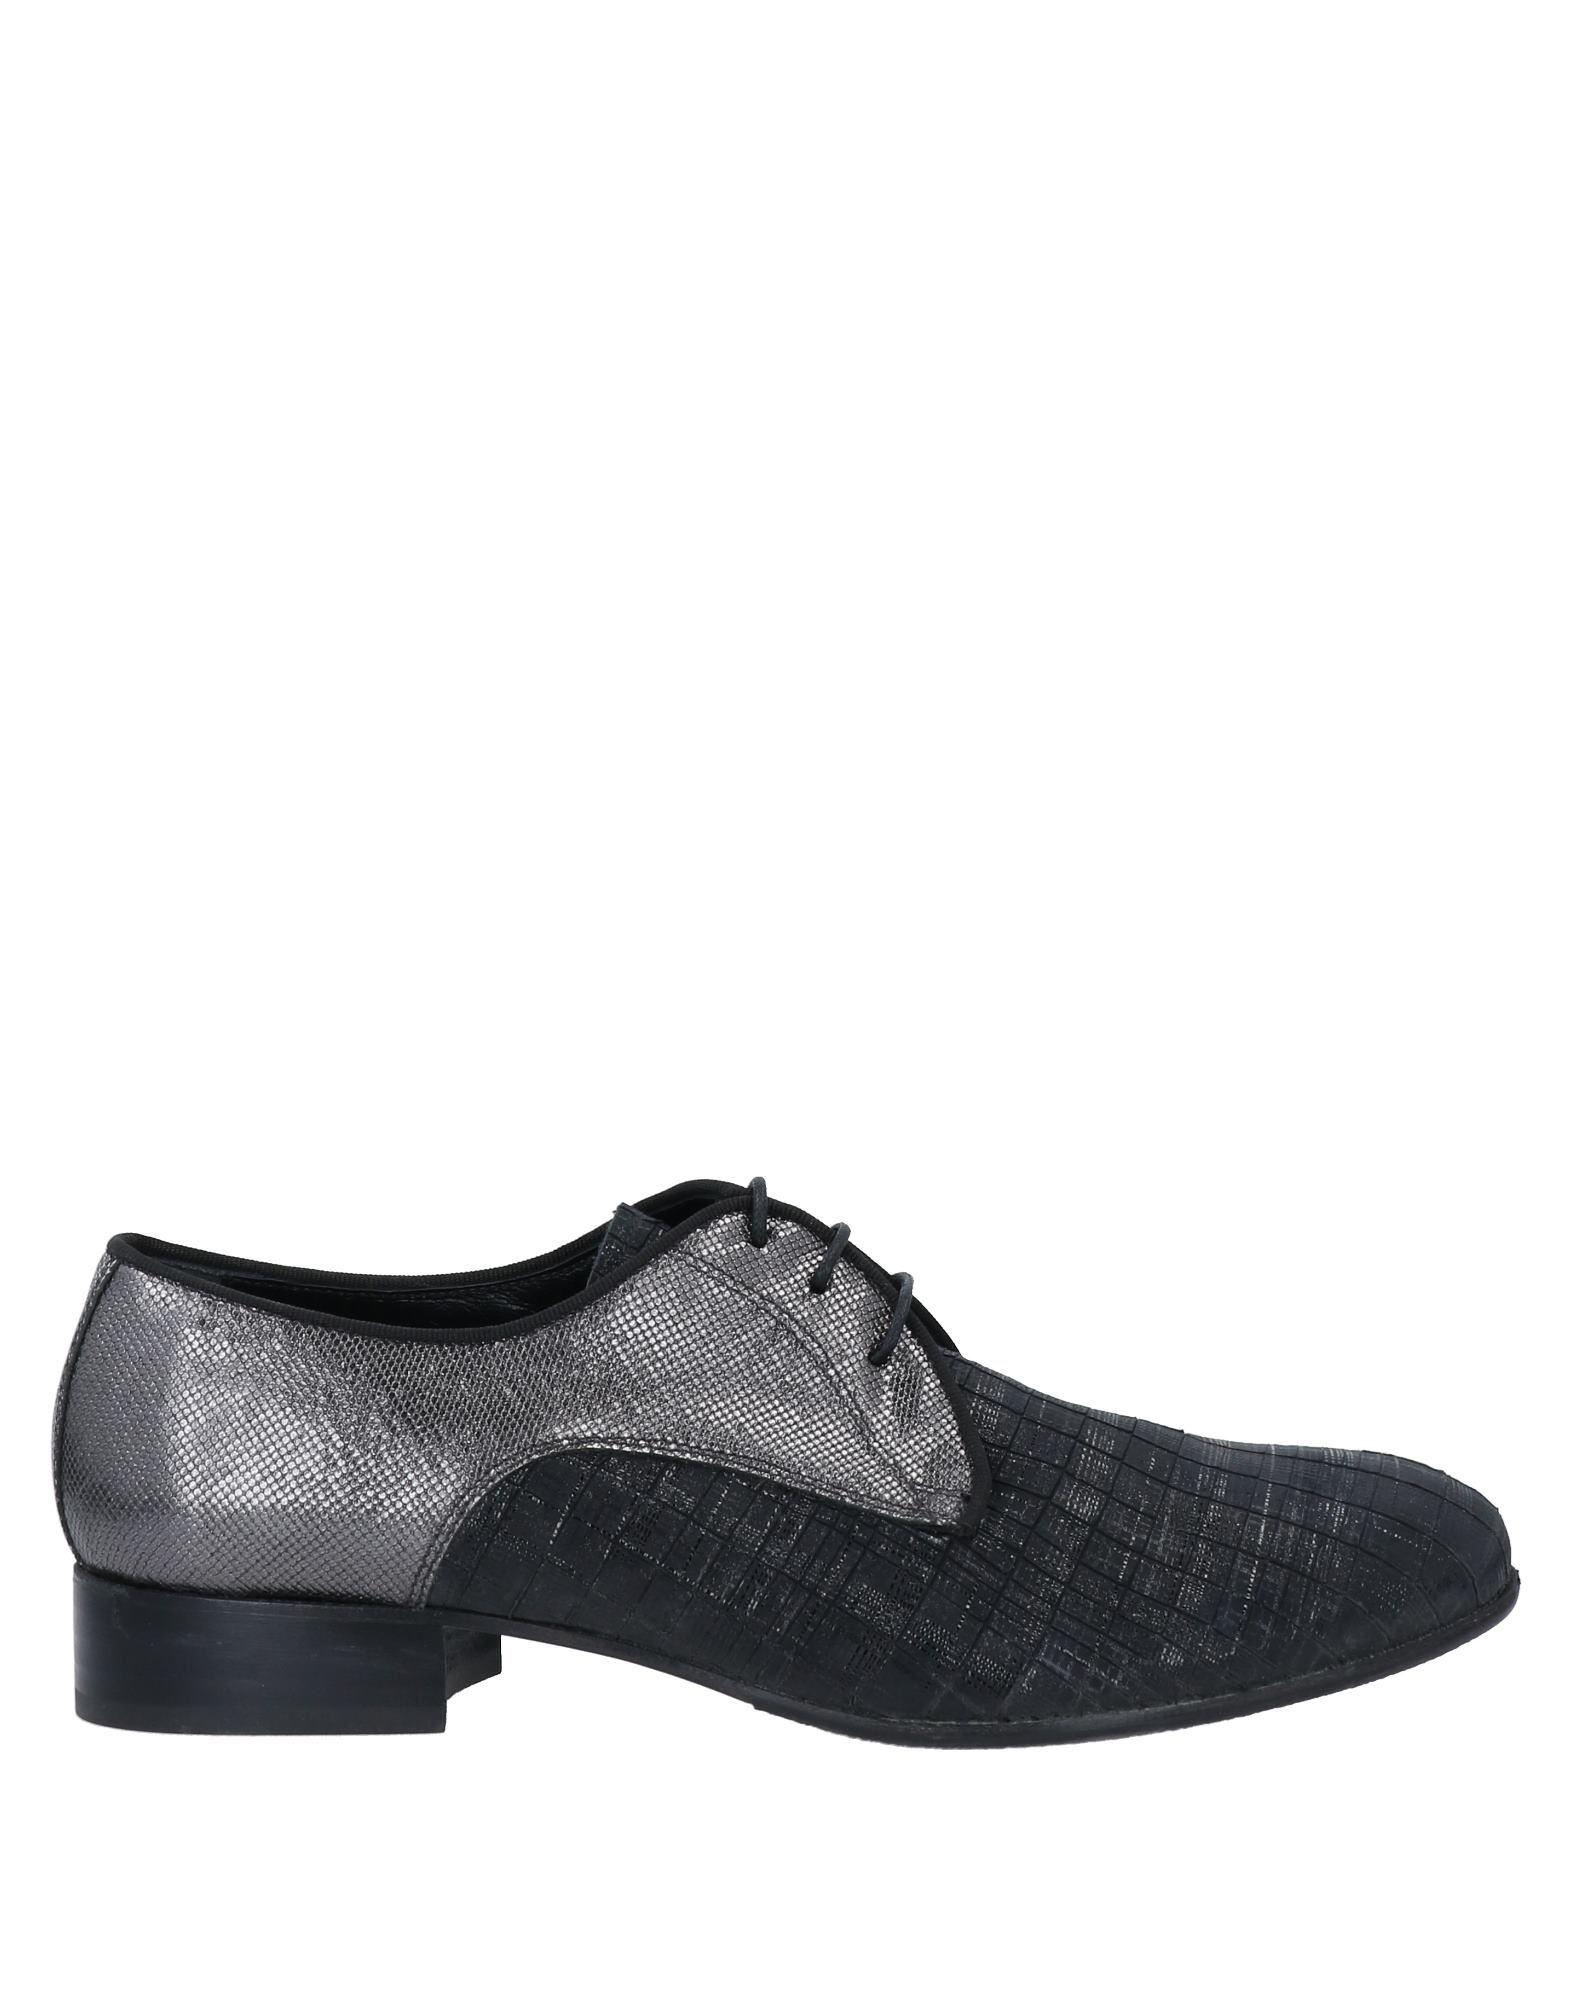 farewell footwear обувь на шнурках BOUTON BLACK Обувь на шнурках